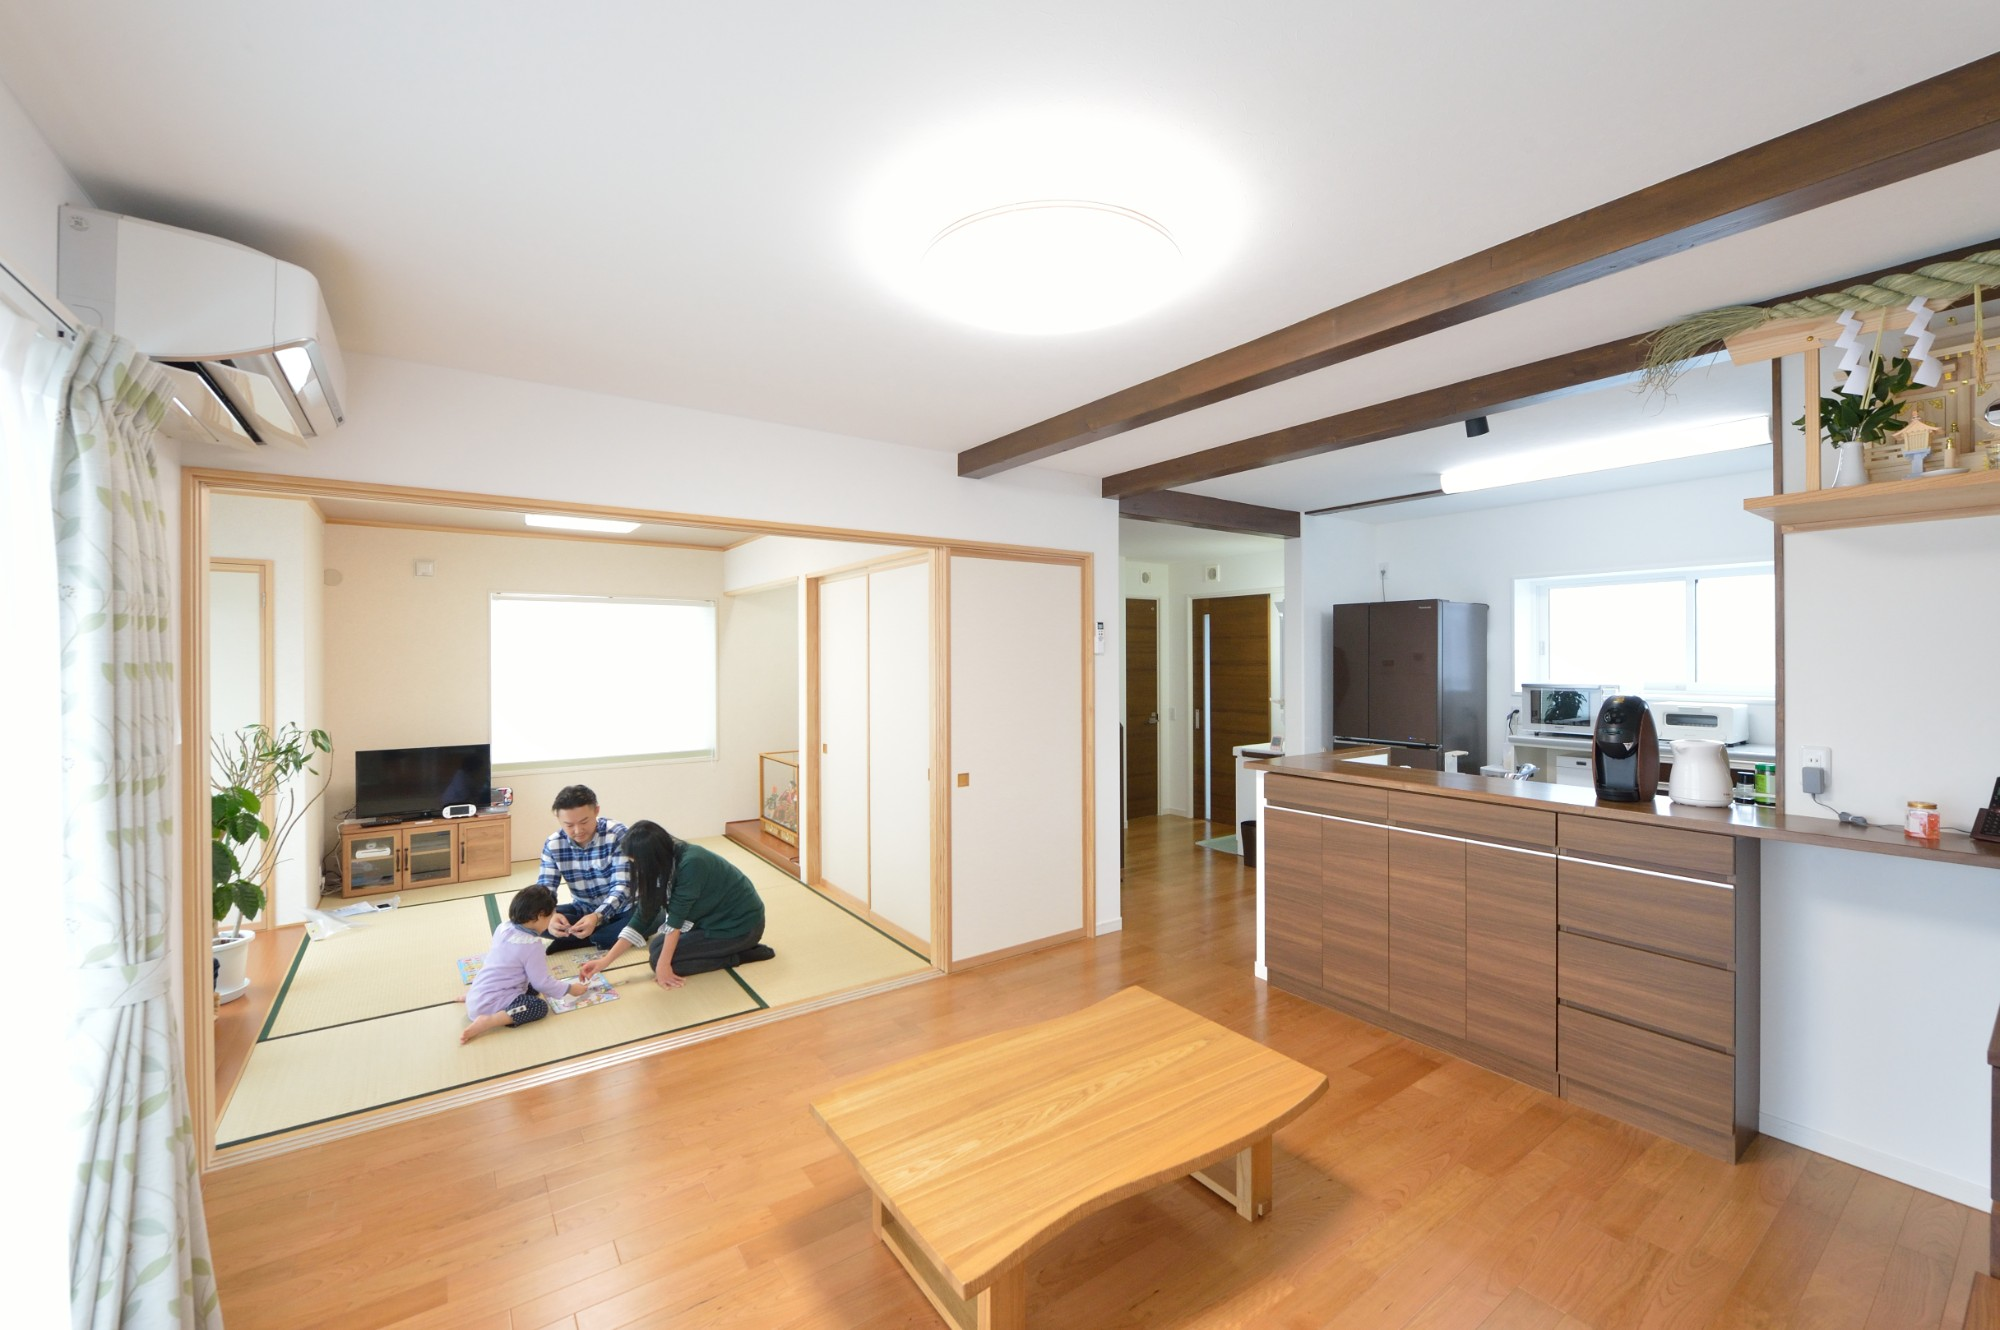 家'Sハセガワ株式会社「Spring share house ~春を分けあう家~」のシンプル・ナチュラルなリビング・ダイニングの実例写真